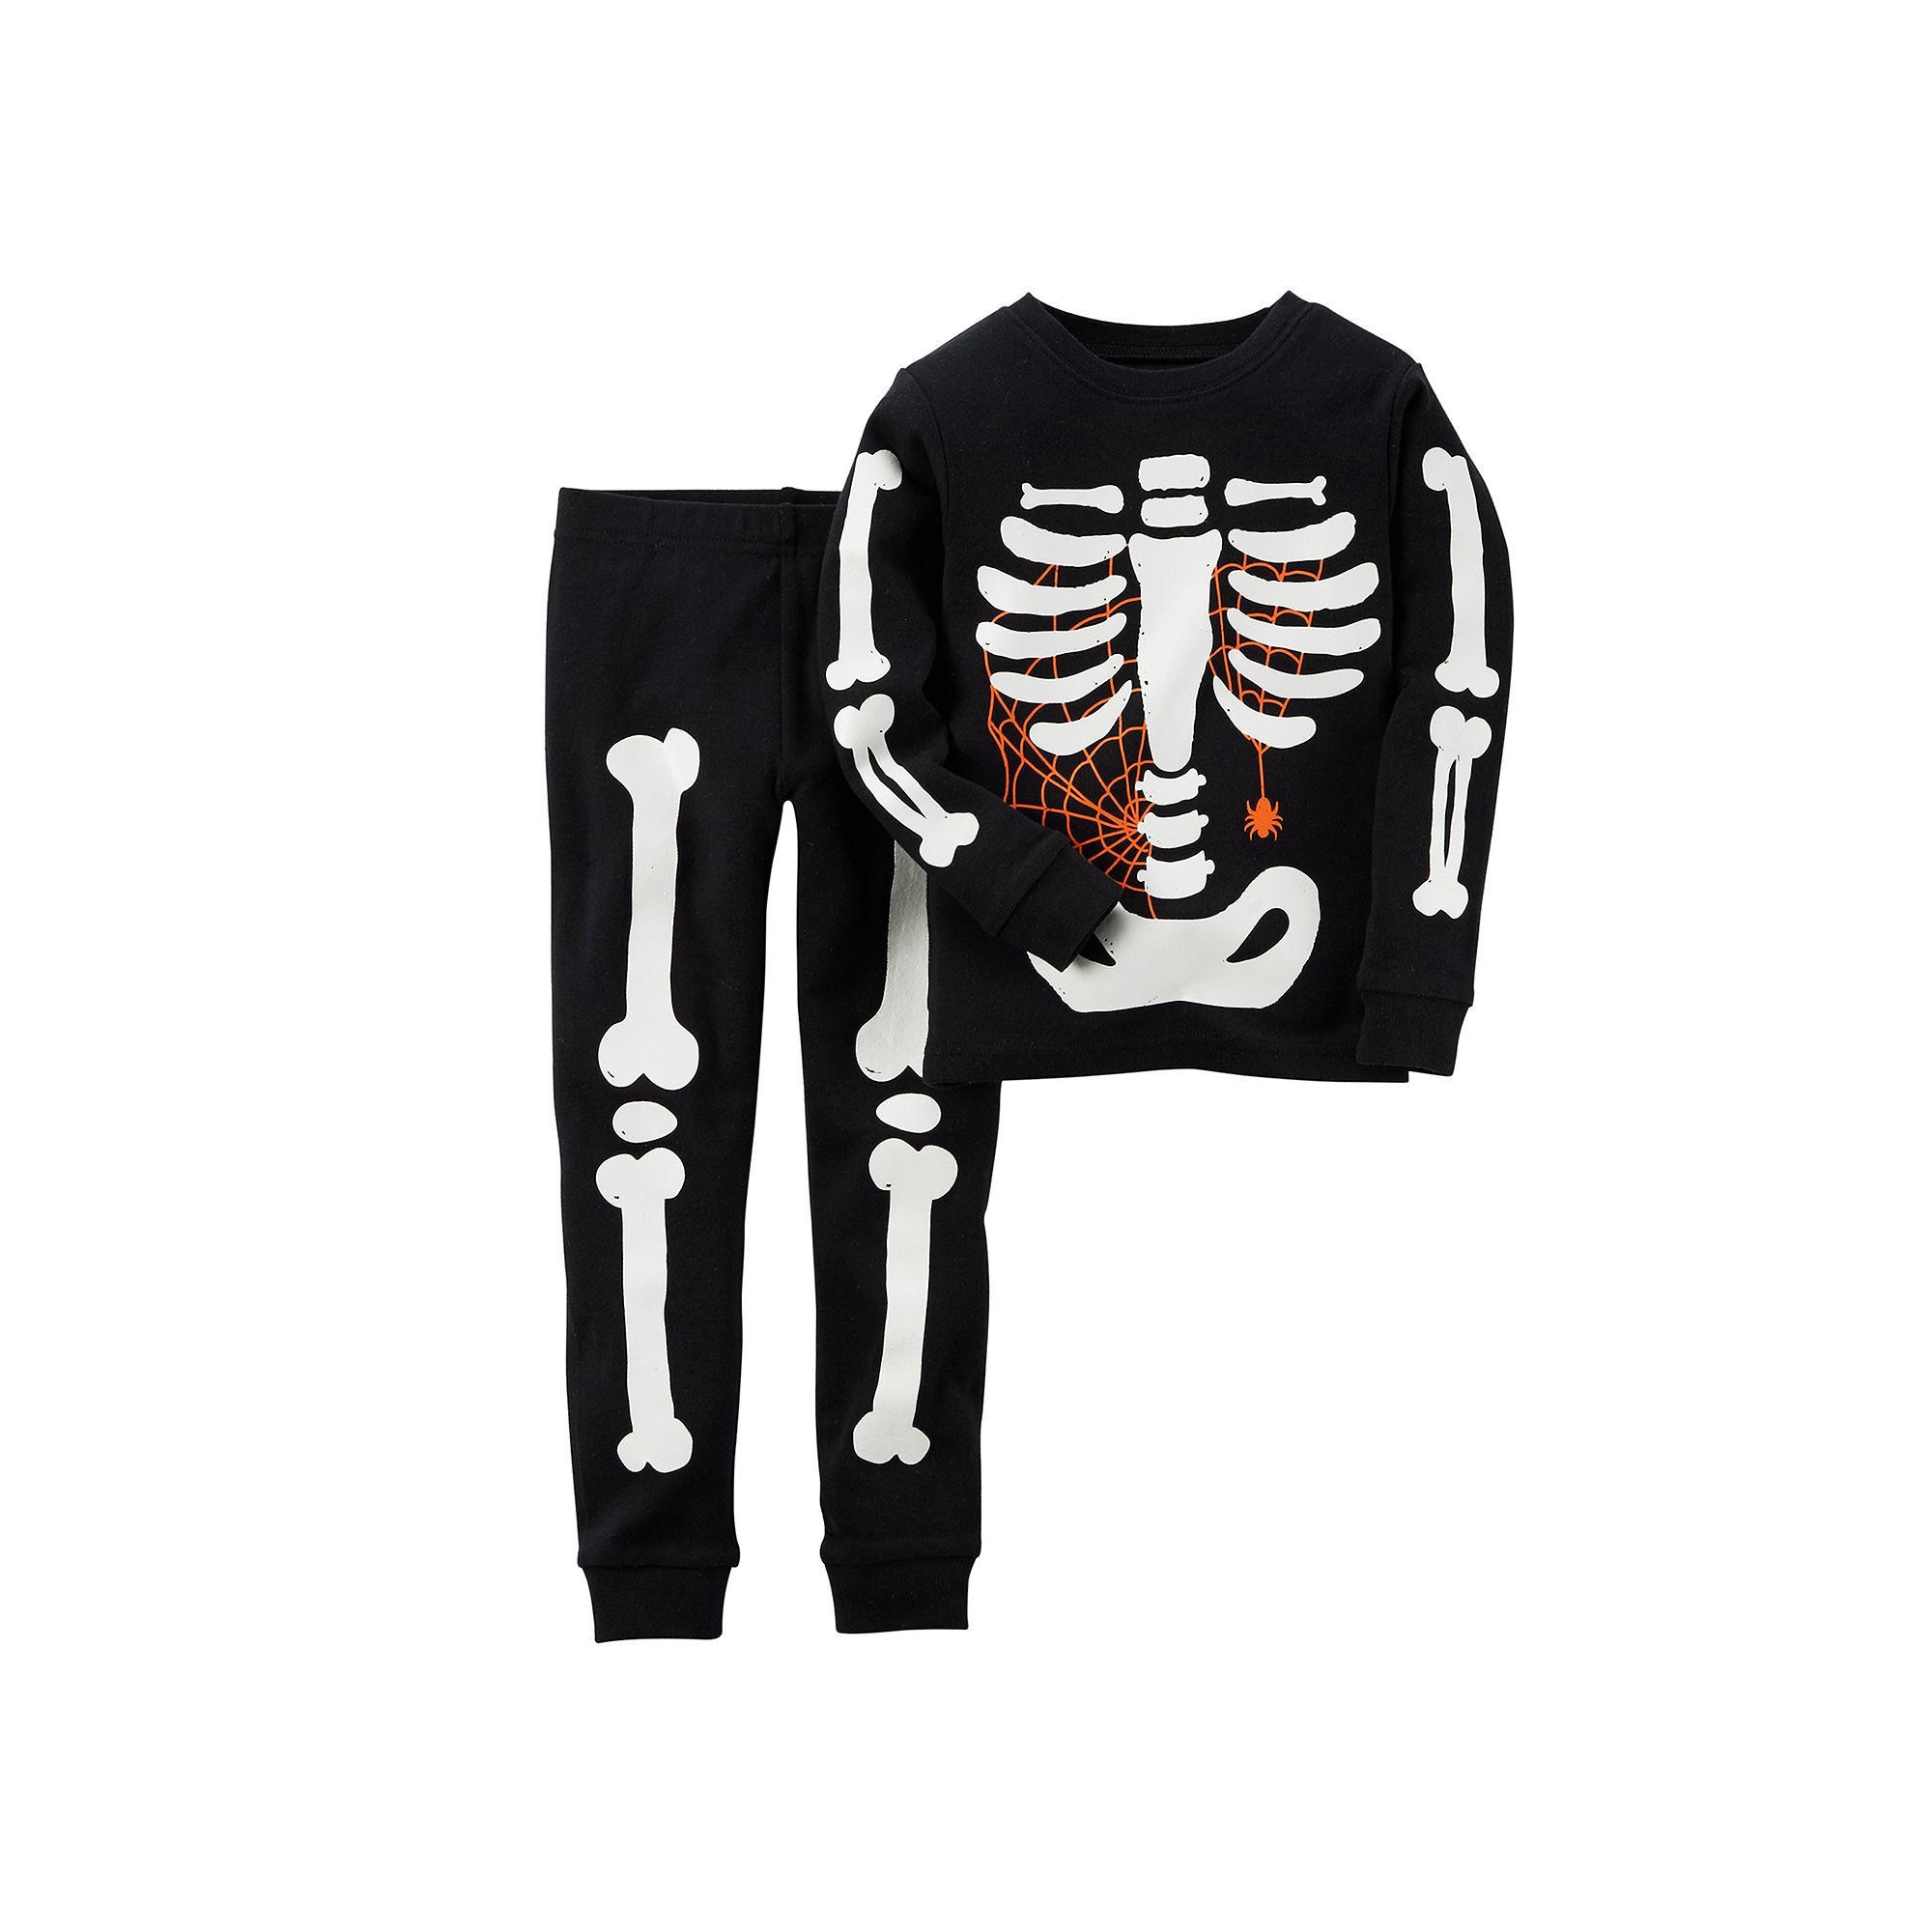 8818f4097 UPC 888510858003 - Carter s Glow-in-the-Dark Skeleton Pajamas ...